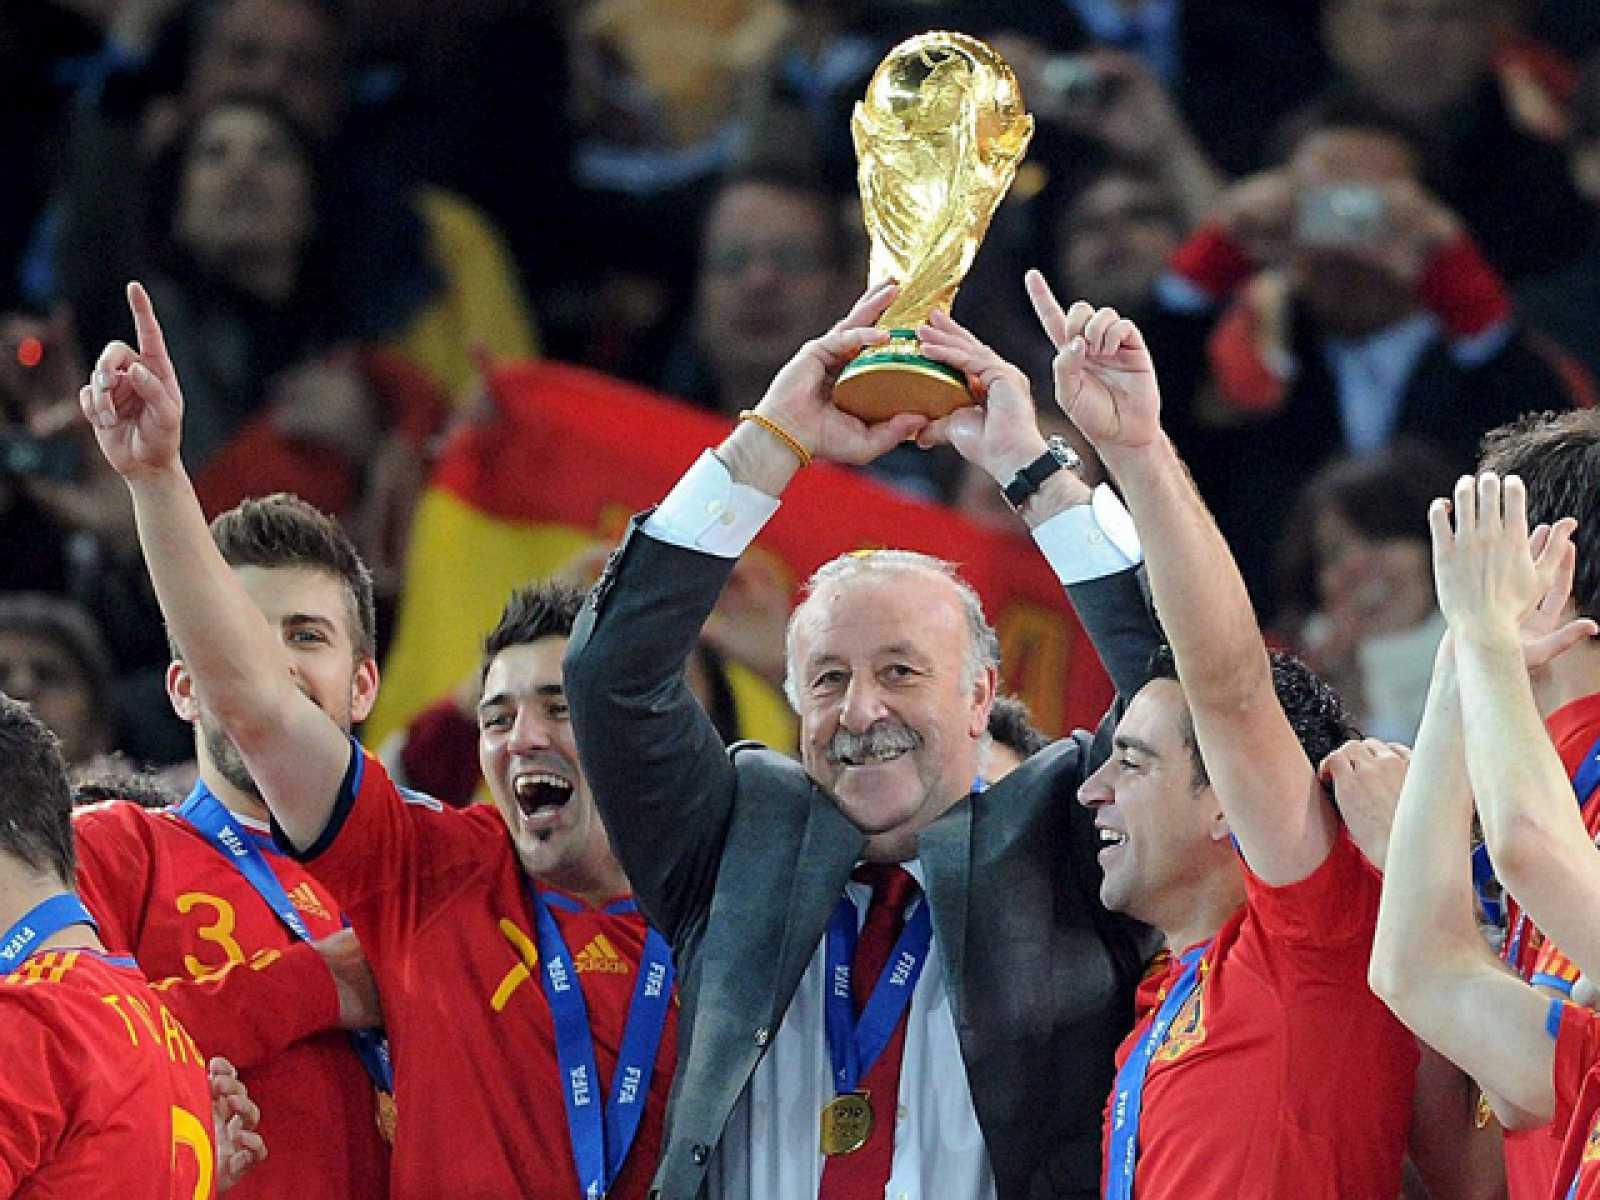 博斯克:10年世界杯冠军是命中注定,我们有实力也有运气